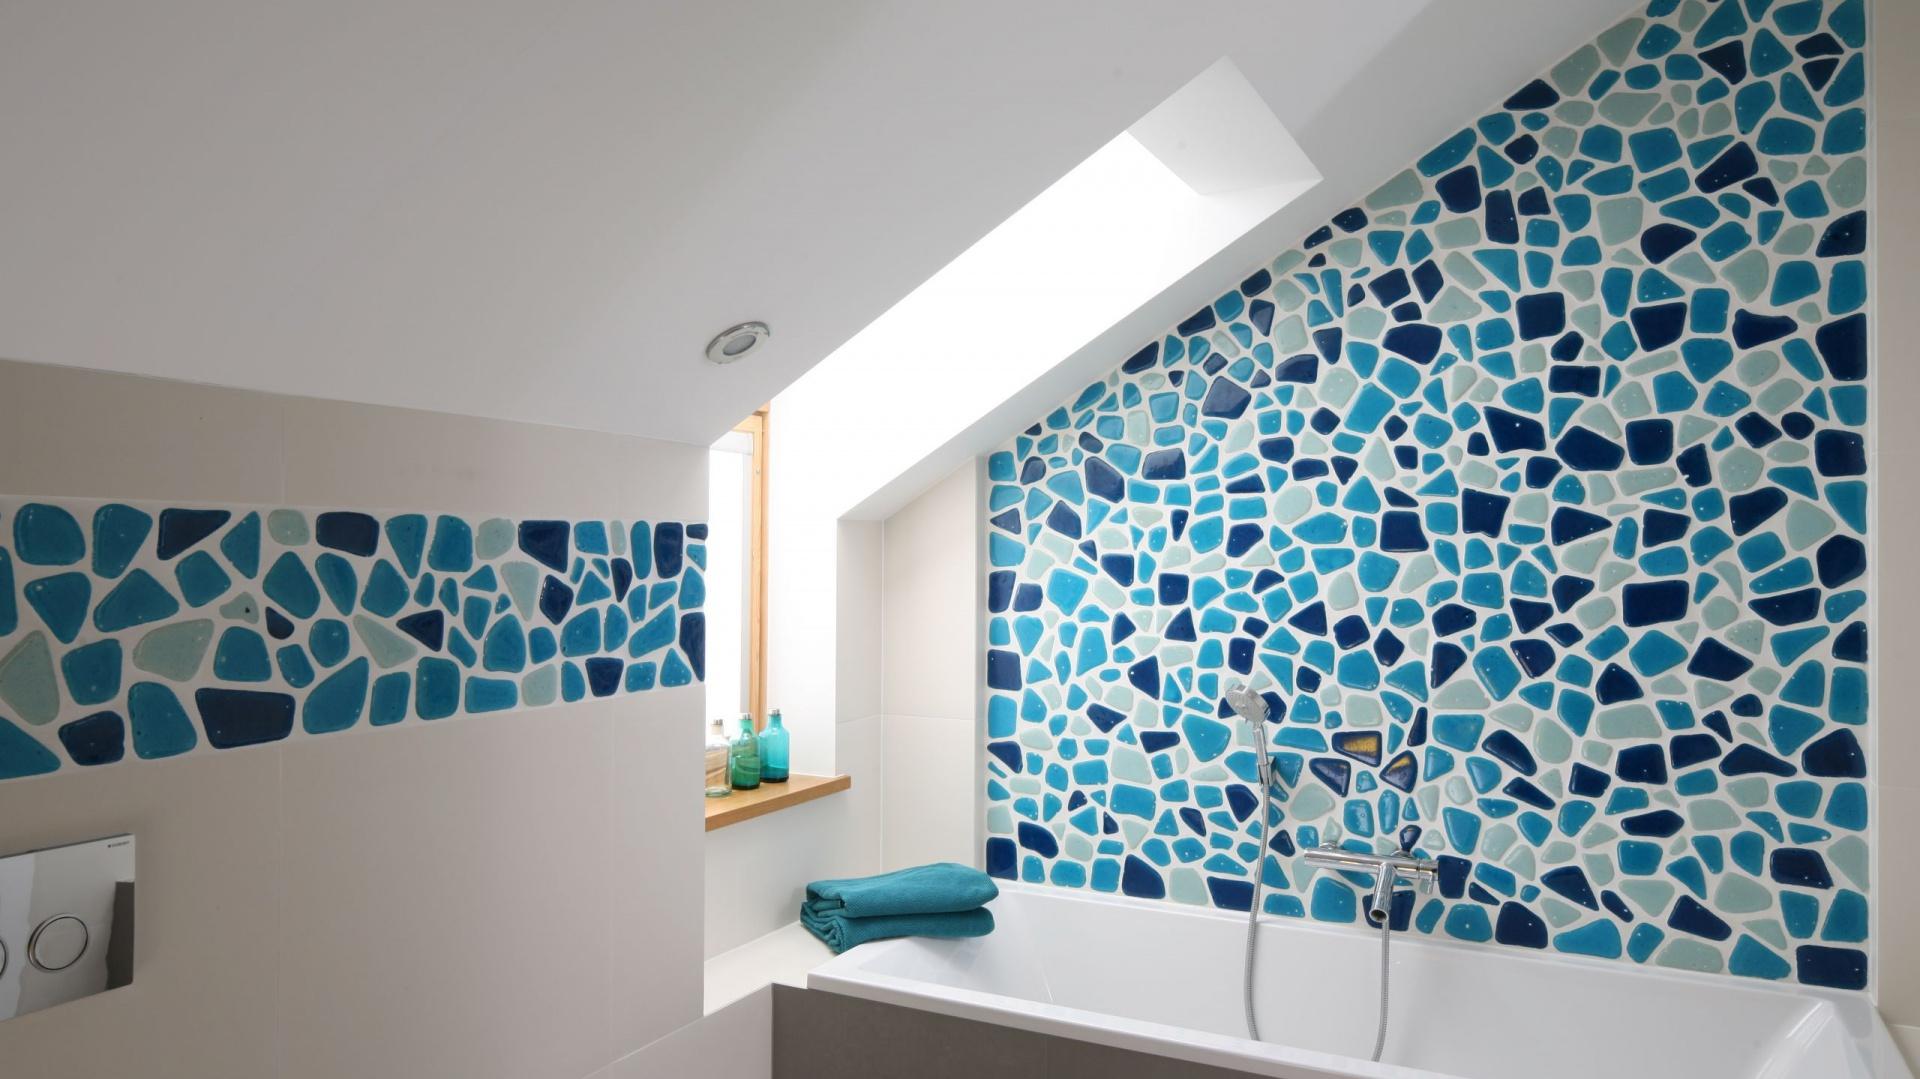 Łazienka na poddaszu ma modną, niebieską mozaikę oraz wygodną wannę. Projekt: Małgorzata Galewska. Fot. Bartosz Jarosz.